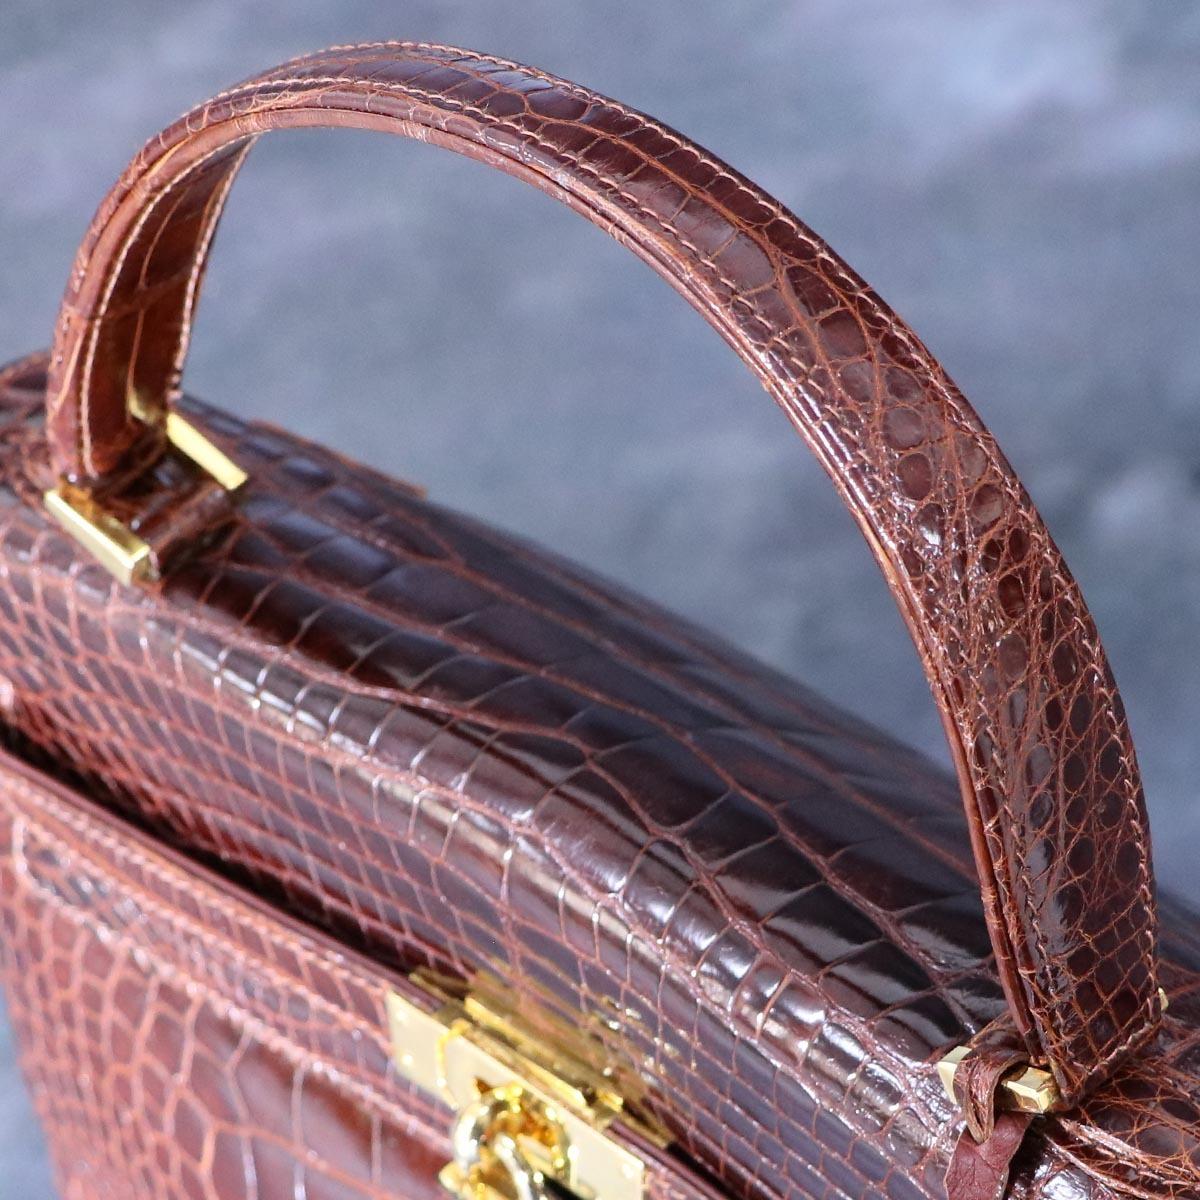 本物 超美品 最高級イタリア製 クロコダイルレザー 鍵付き ケリーバッグ ハンドバッグ 総ワニ革 クロコレザー トートバッグ_画像5